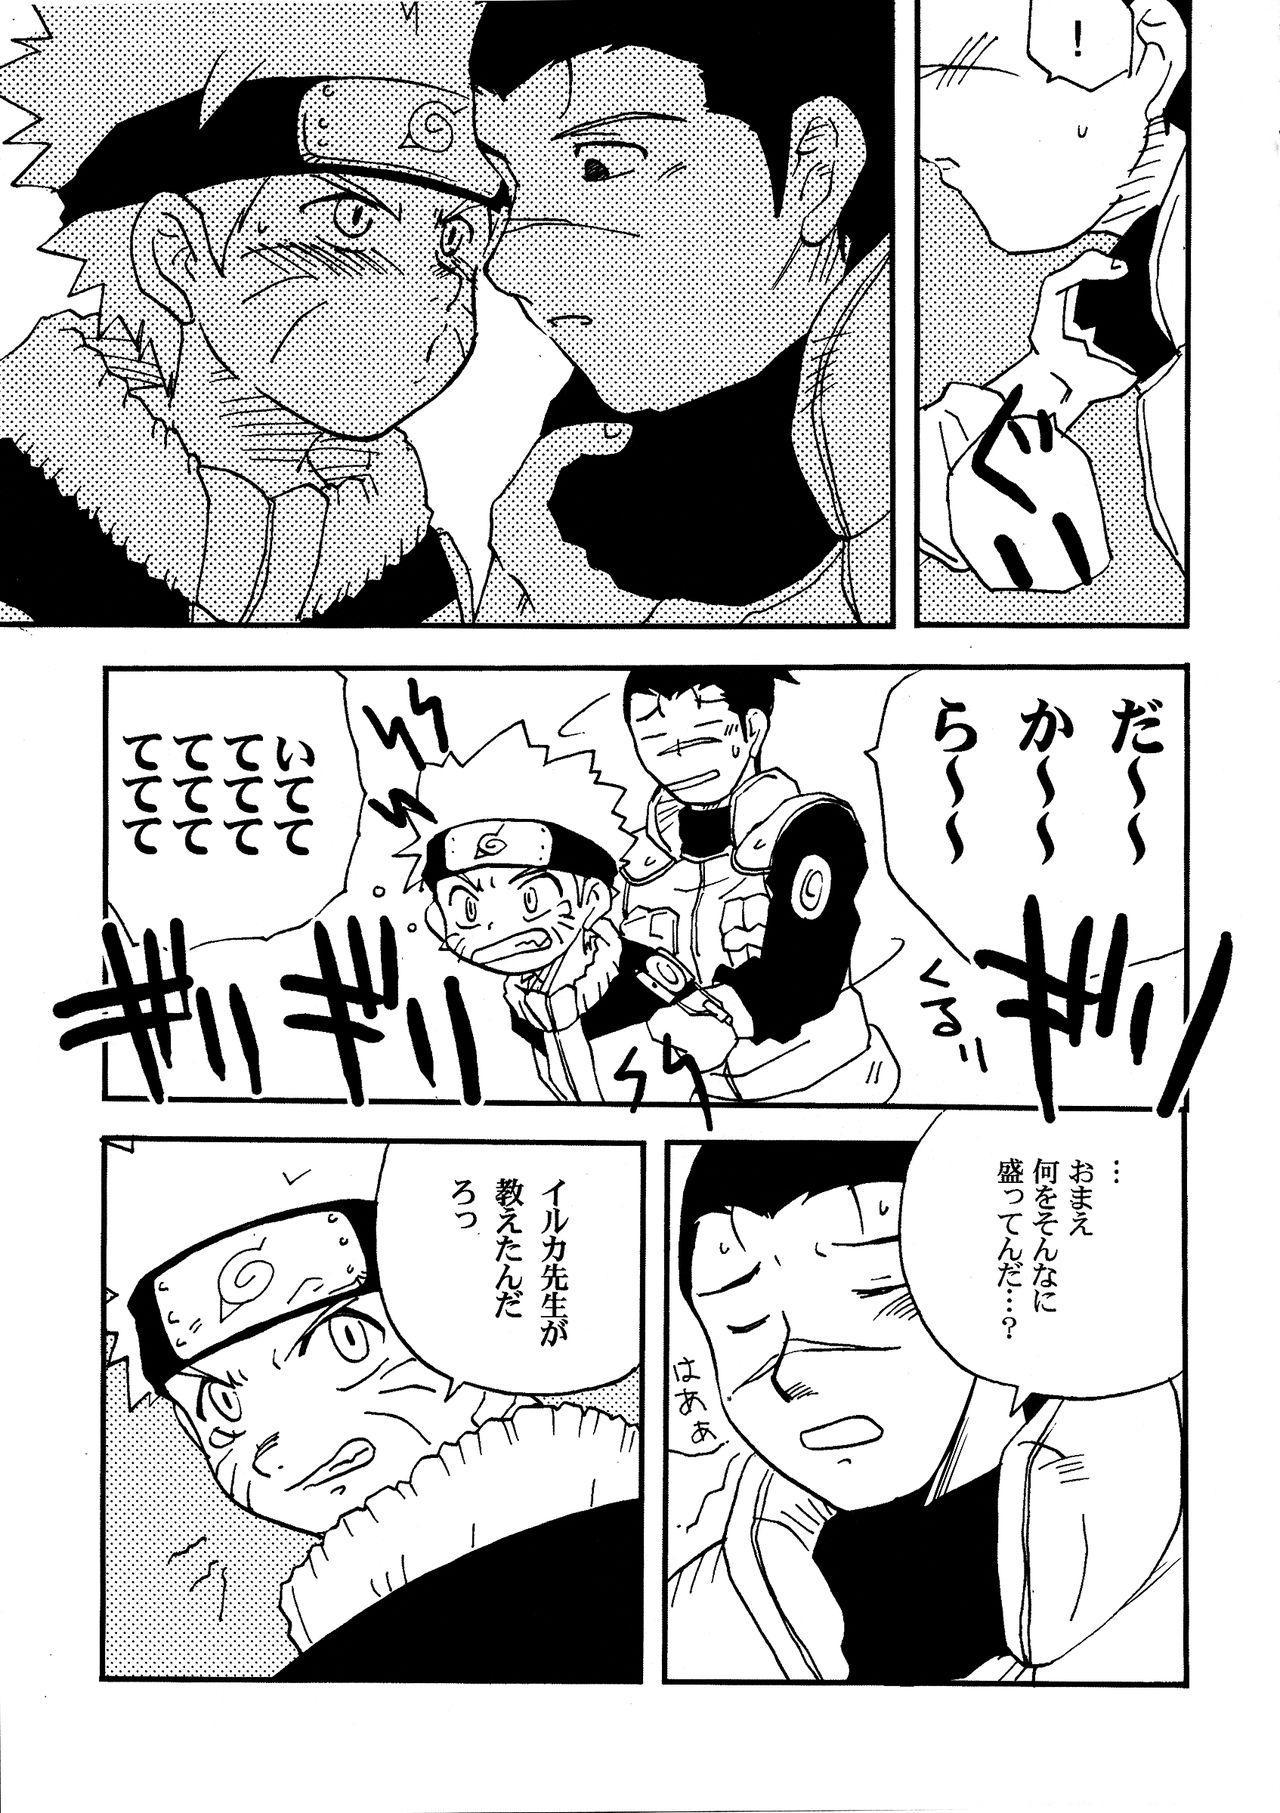 IruNaru no Wadachi 27